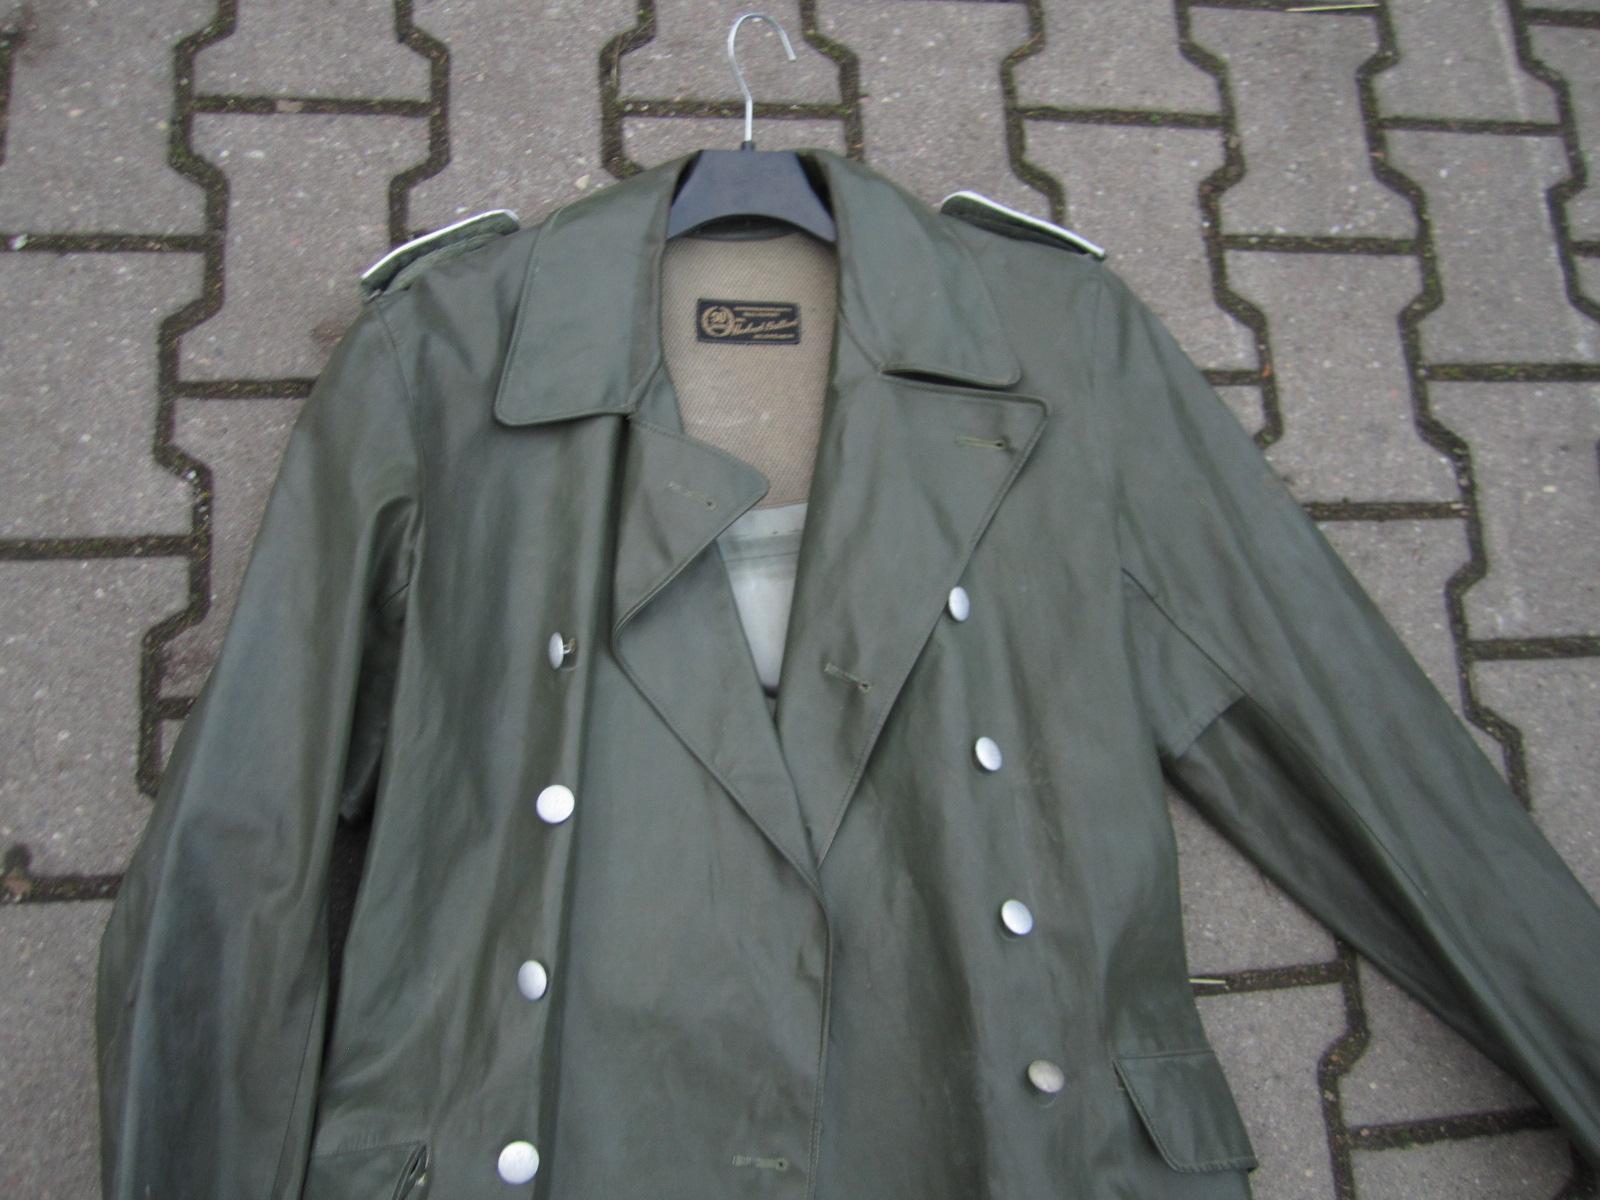 Identification Manteau de pluie WH 64d9b09c-3b72-42d2-9e35-580a7671faae